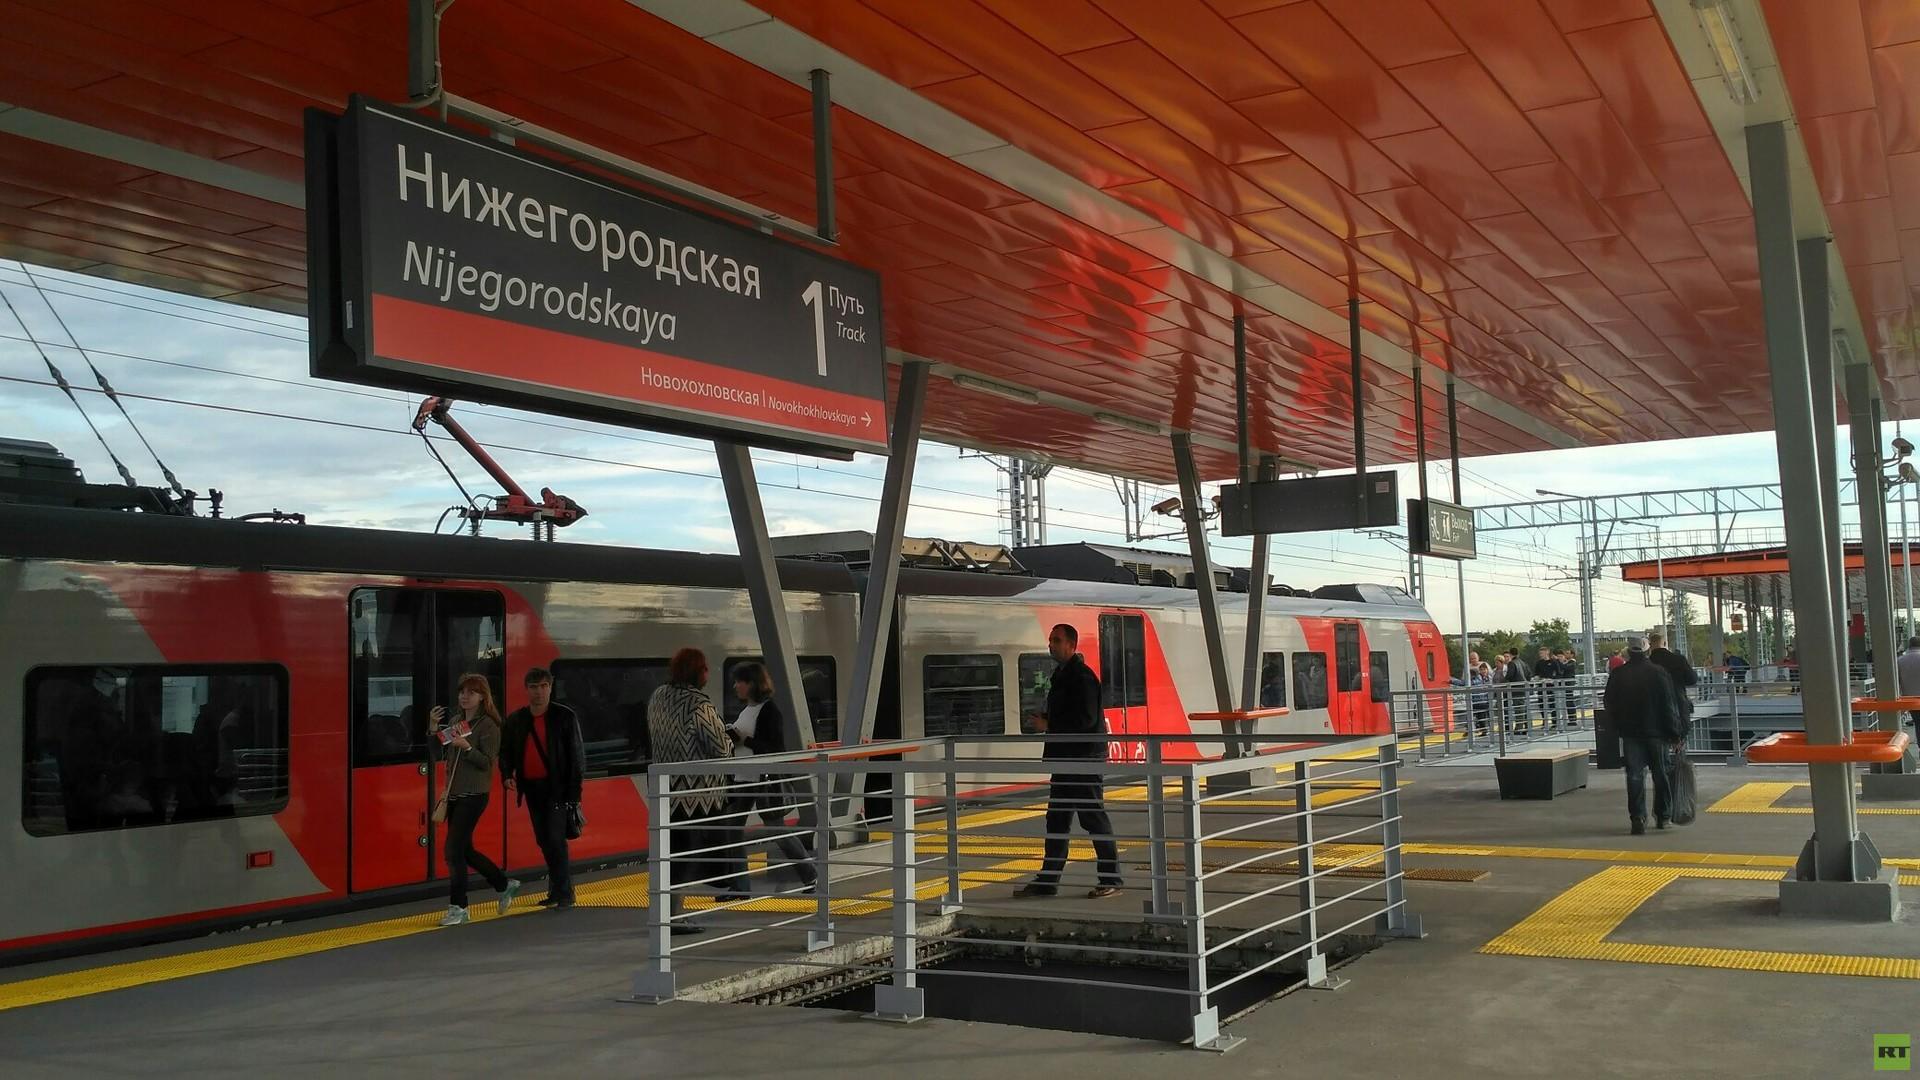 Für eine bessere Orientierung wird jede Station in einer eigenen Farbe gehalten.